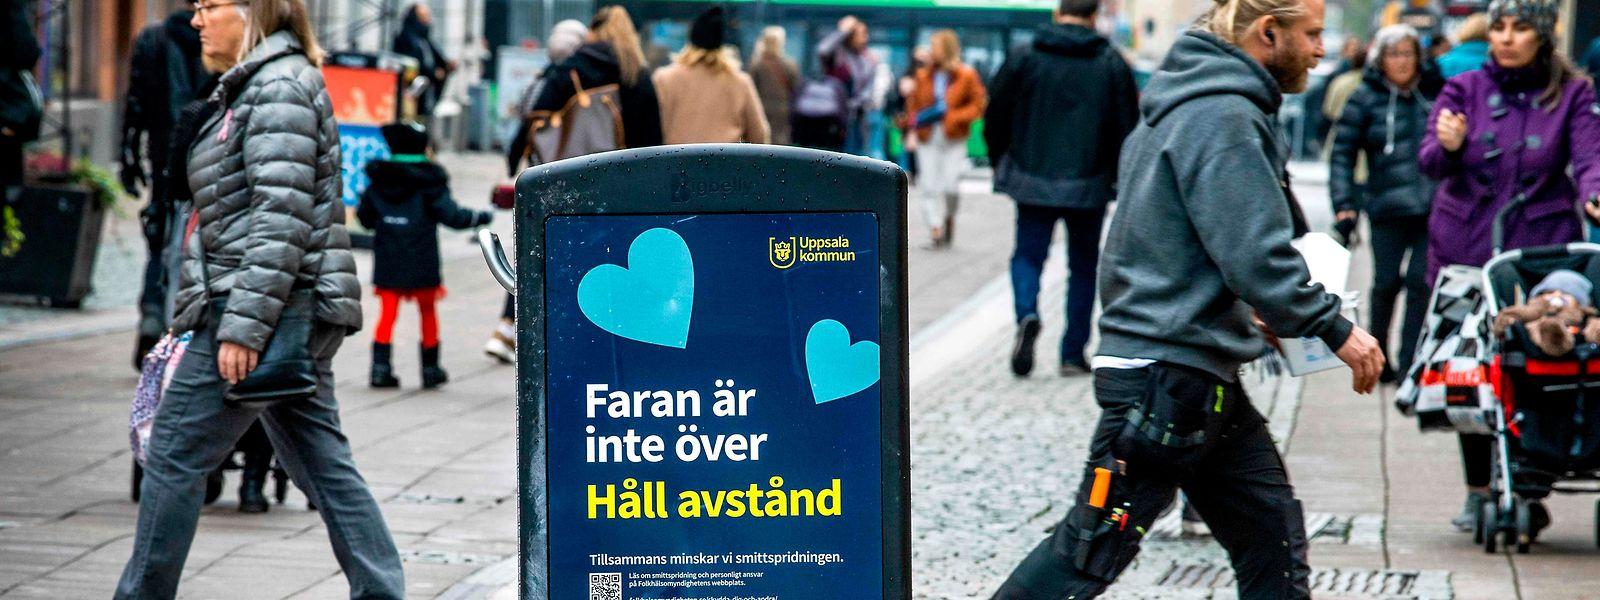 Besonders in der Studentenstadt Uppsala bleiben die schwedischen Behörden wachsam.